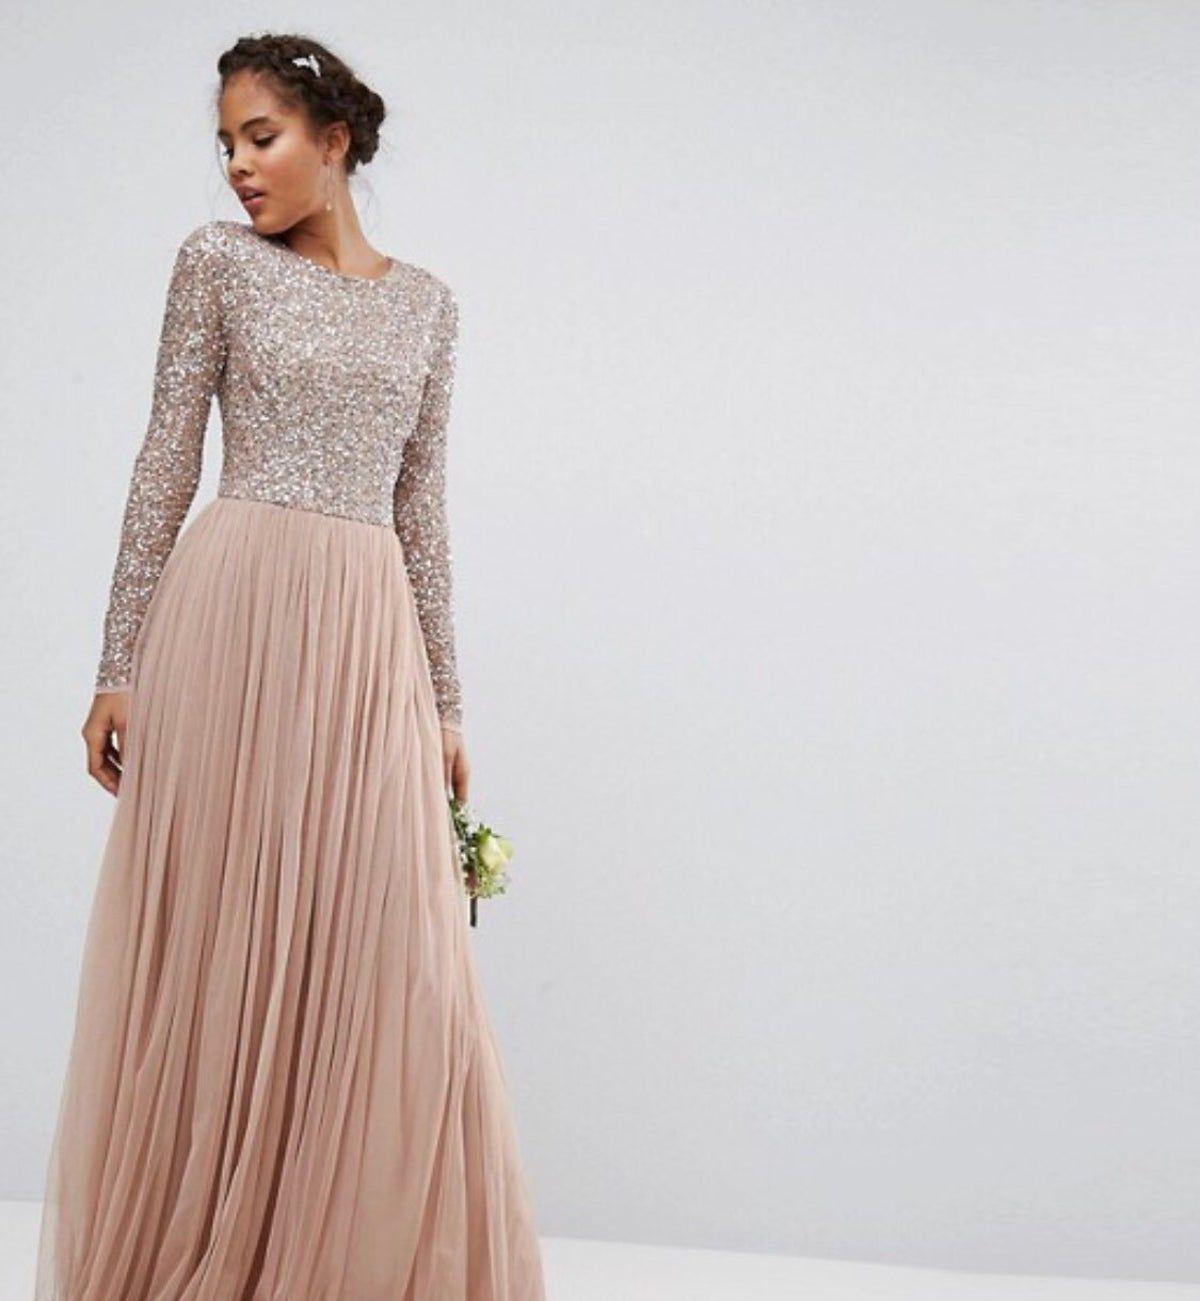 Maxi Dress #kleid Pastell | Asos Kleider Hochzeit, Abiball